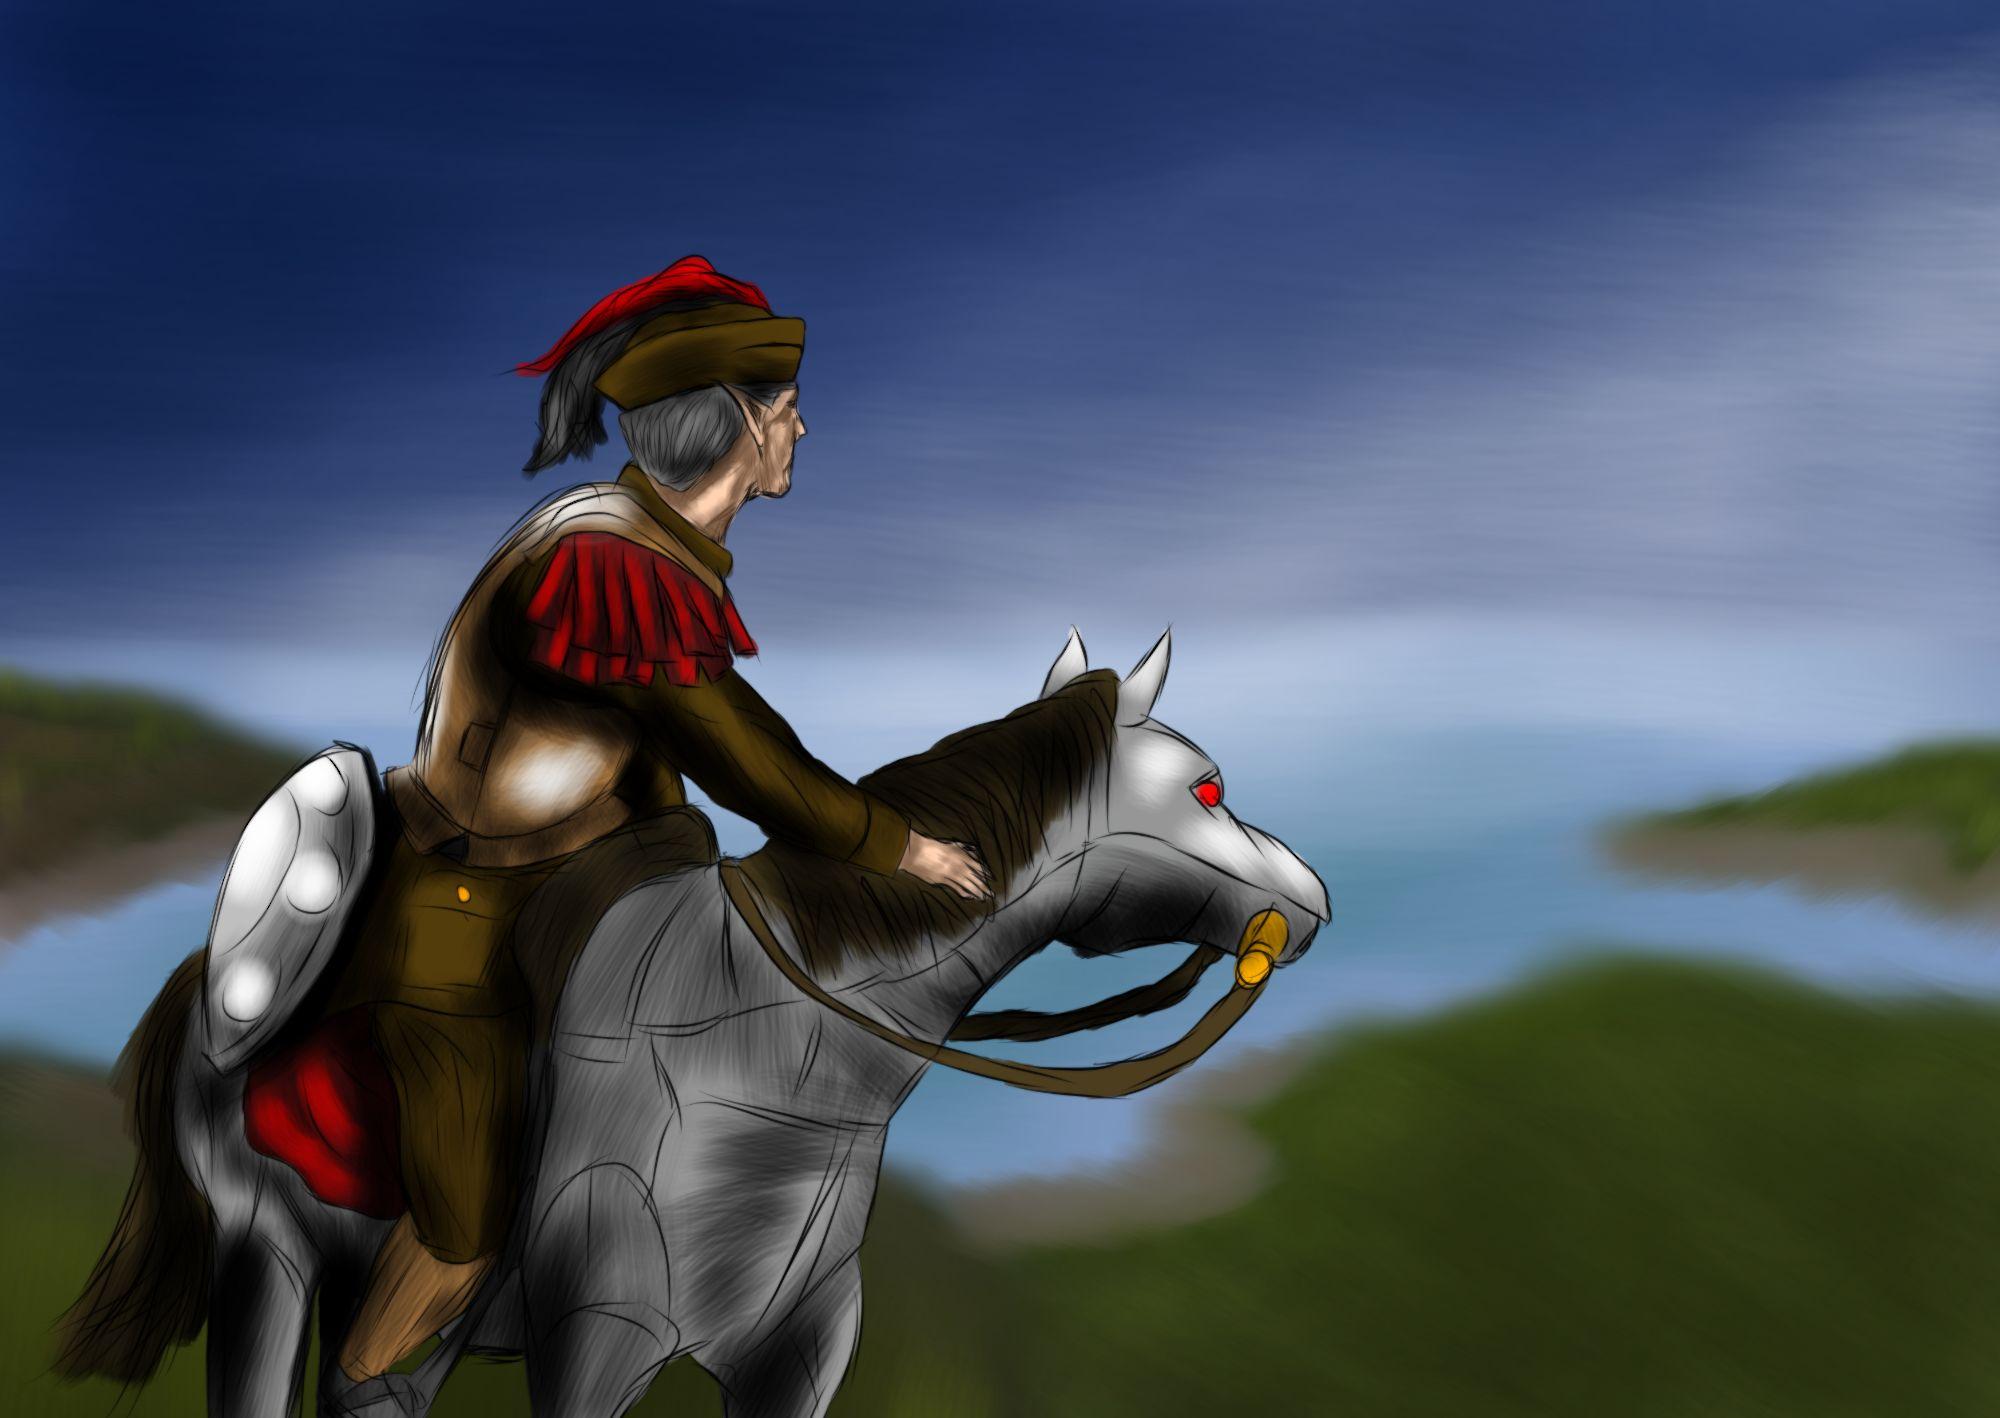 พลตระเวนเผ่าเอลฟ์สูง กรมทหารวิดาเลียที่ 2 ขณะลาดตระเวนตรวจการในมณฑลหลวงมิโตรโปเลีย จักรวรรดิเอลีเซีย